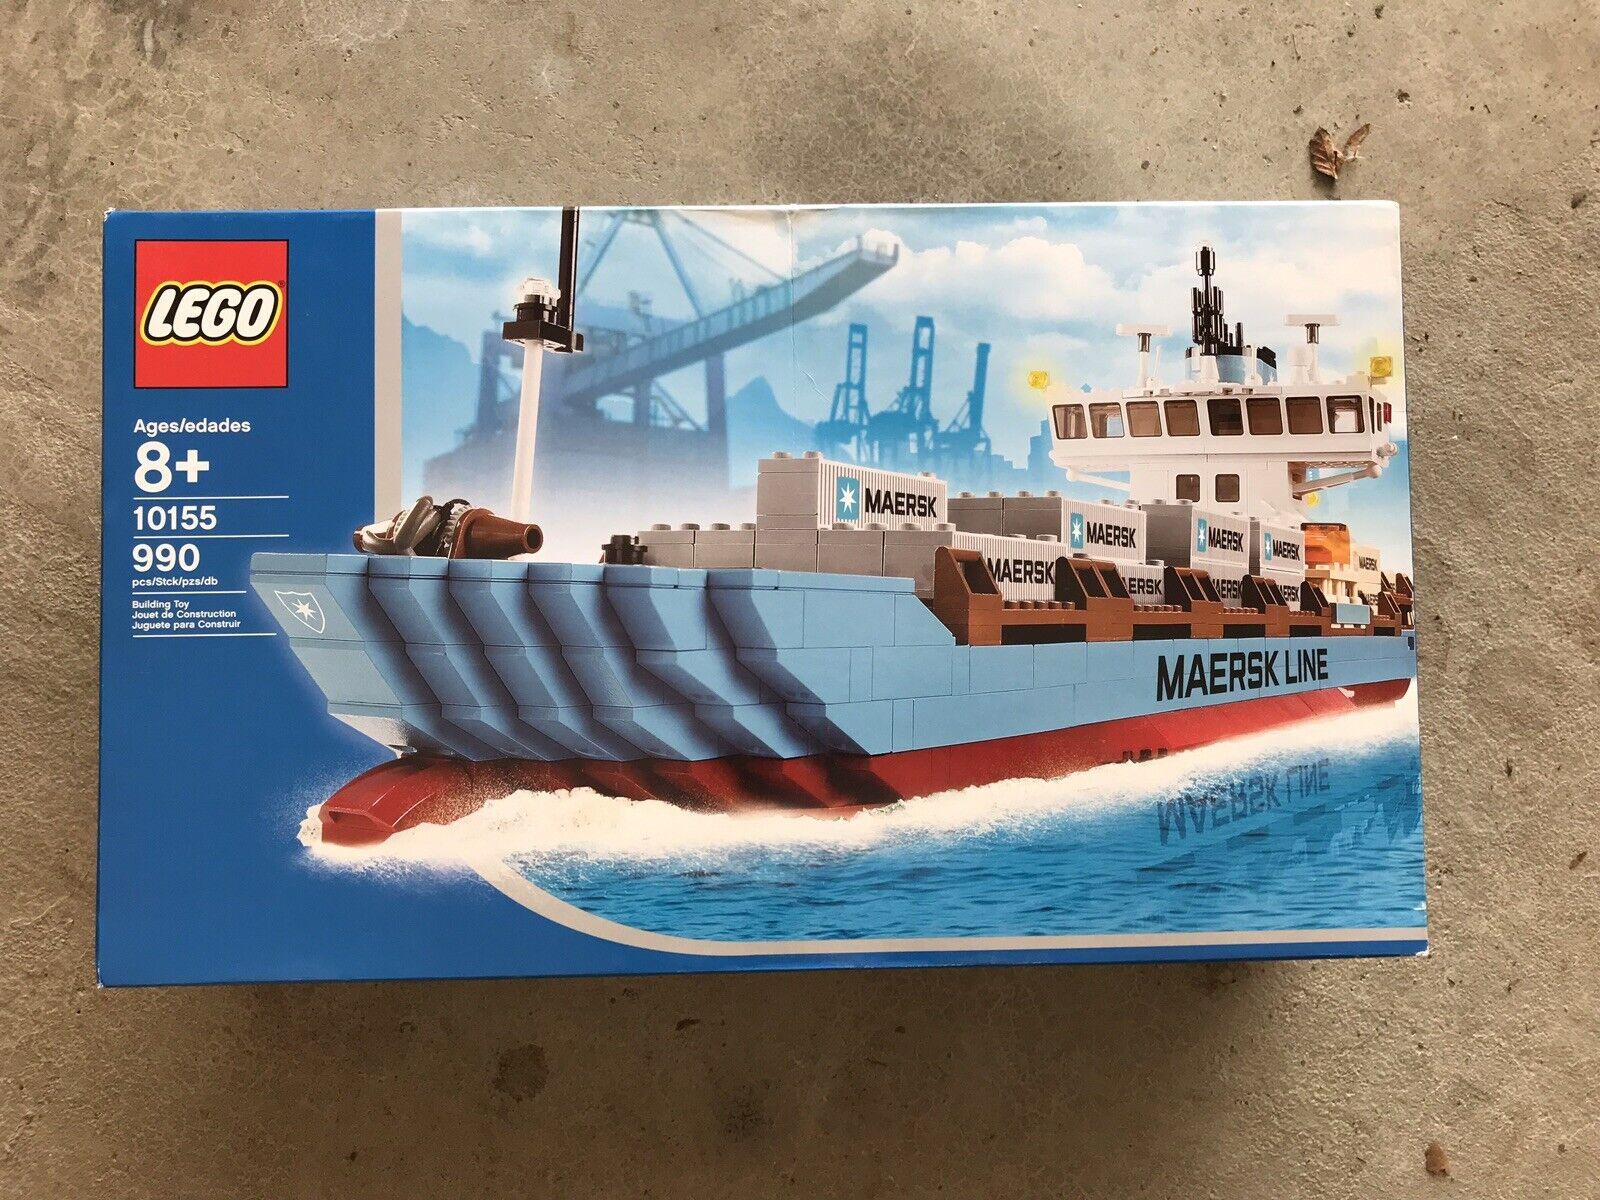 Lego Container Ship-Maersk  Line 10155 Neuf dans sa boîte  vente au rabais